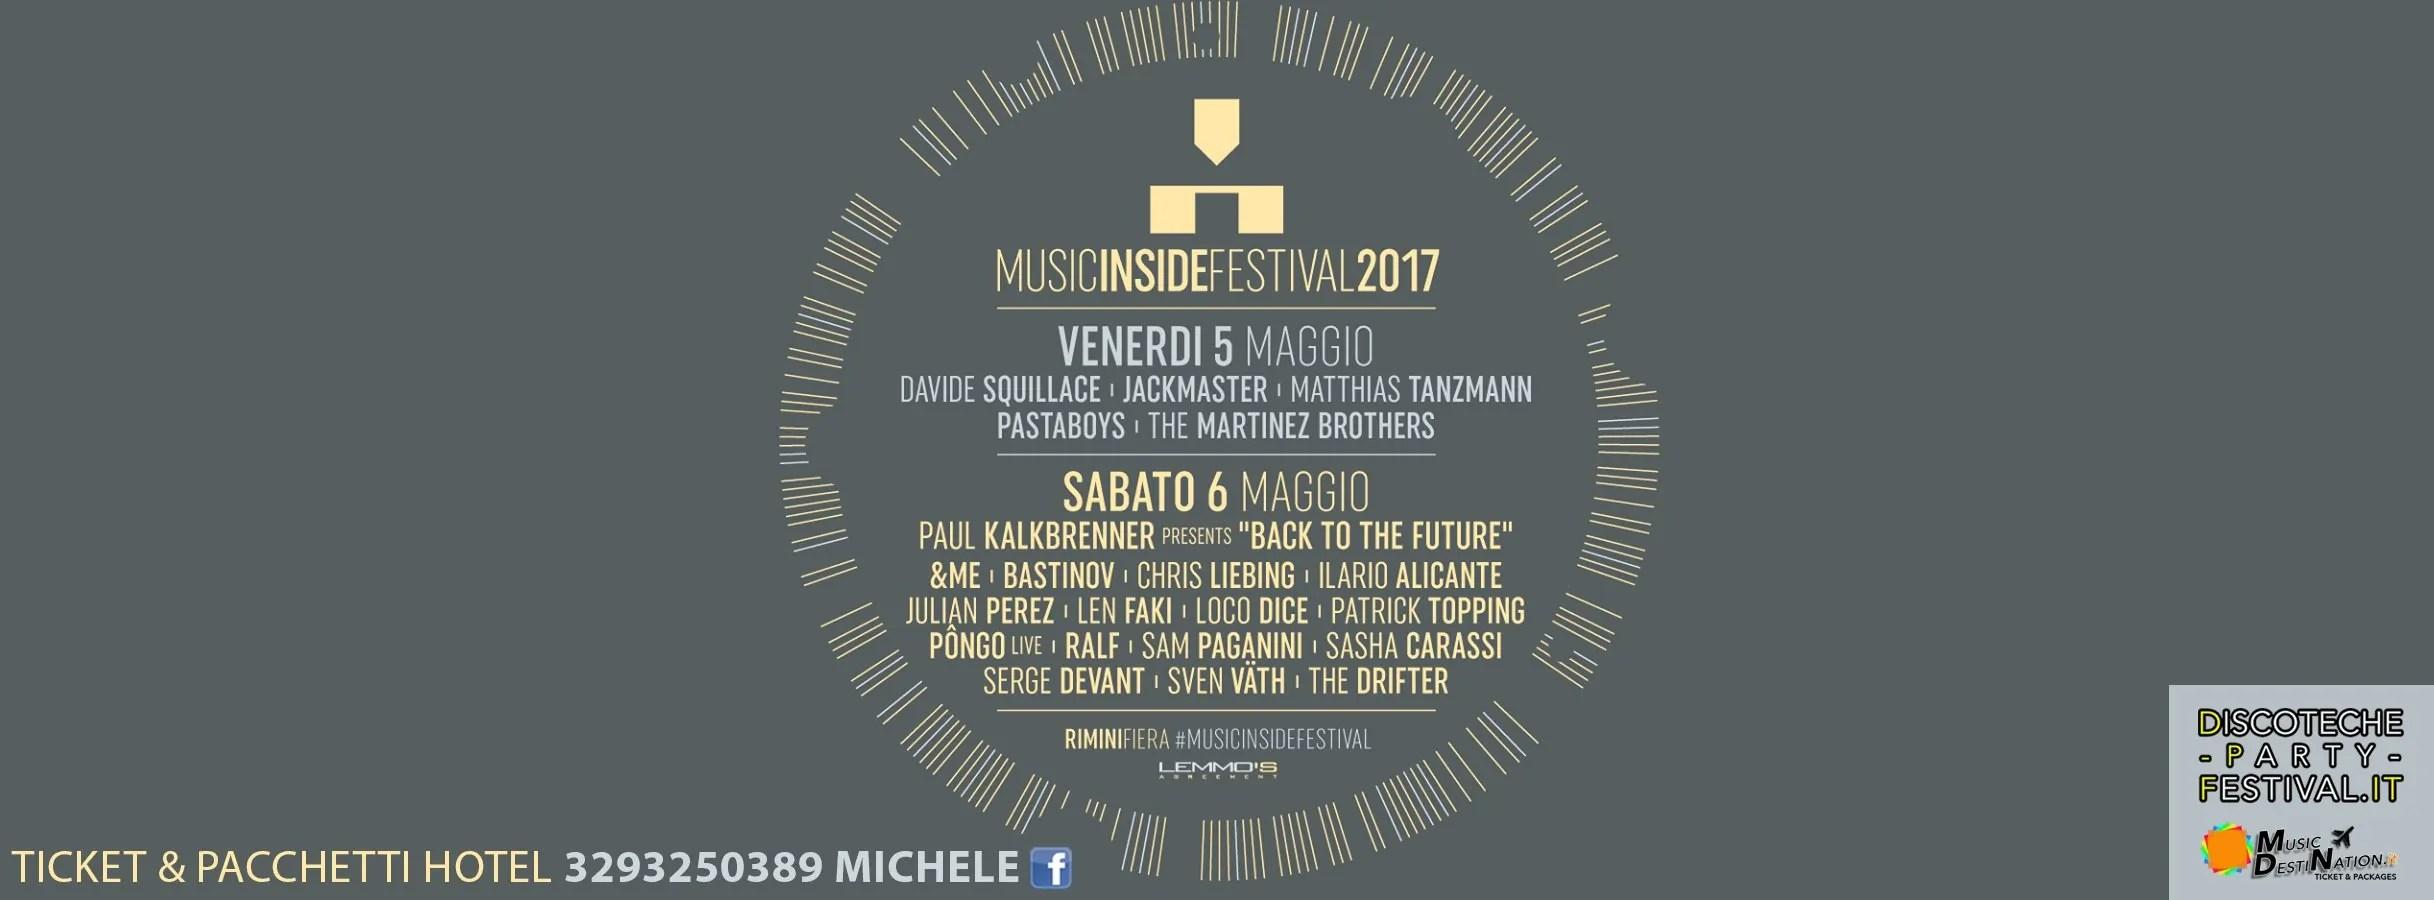 PAUL KALKBRENNER MIF MUSIC INSIDE FESTIVAL 2017 RIMINI FIERA 5  6 MAGGIO 2017 PREZZI TICKET BIGLIETTI PACCHETTI HOTEL